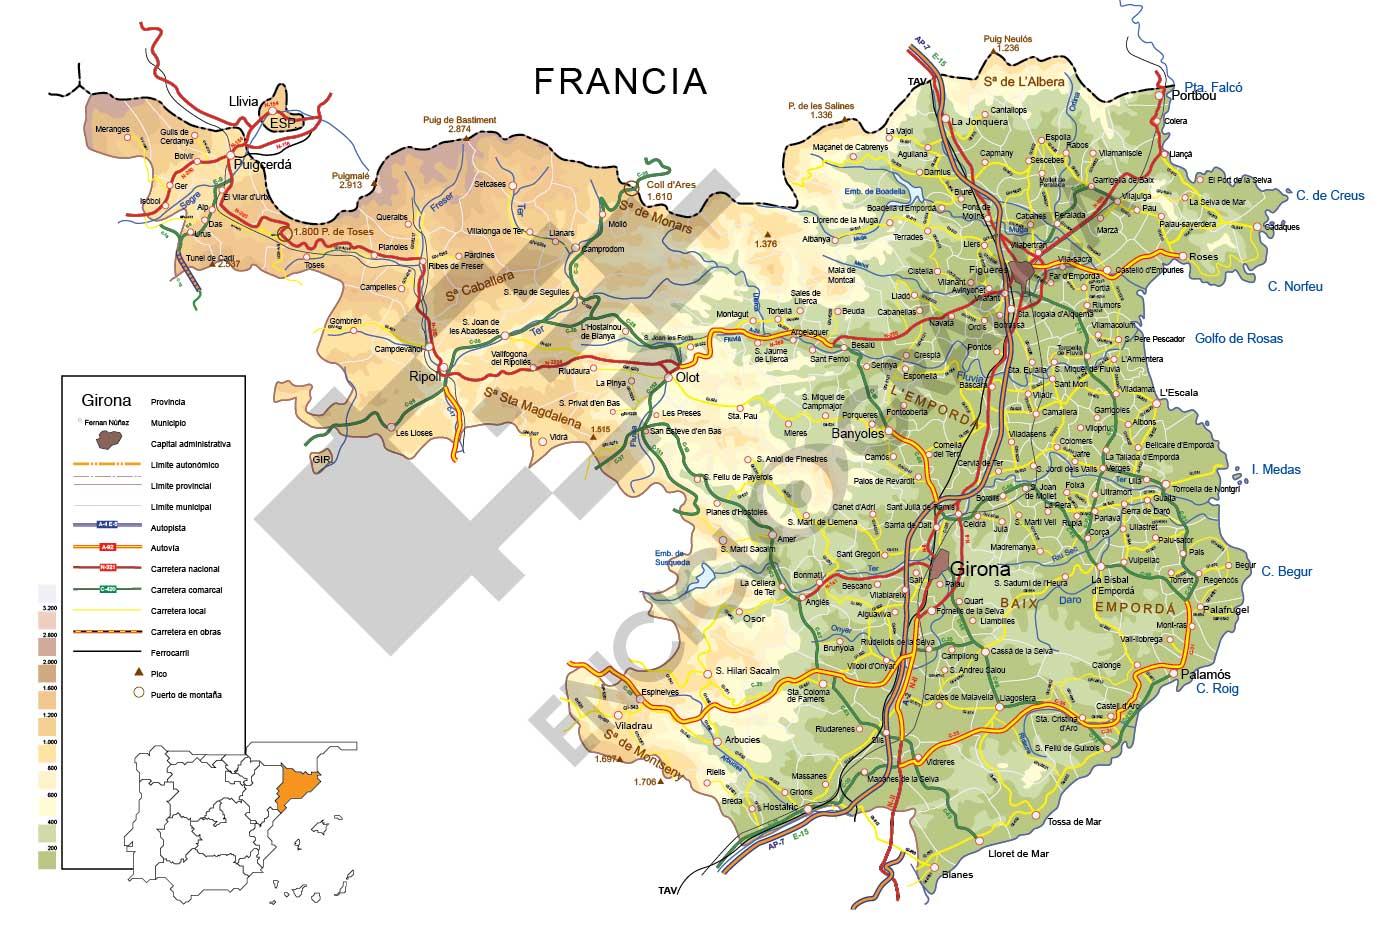 Mapa De Girona Provincia.Mapa Vectorial De Girona